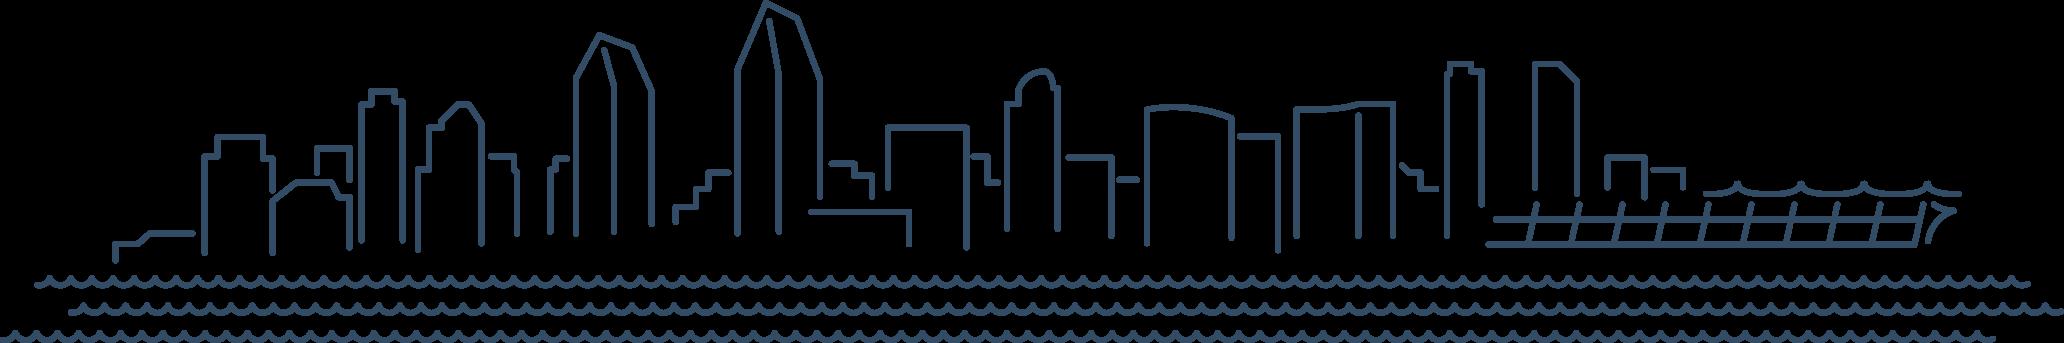 shp-skyline-downtown